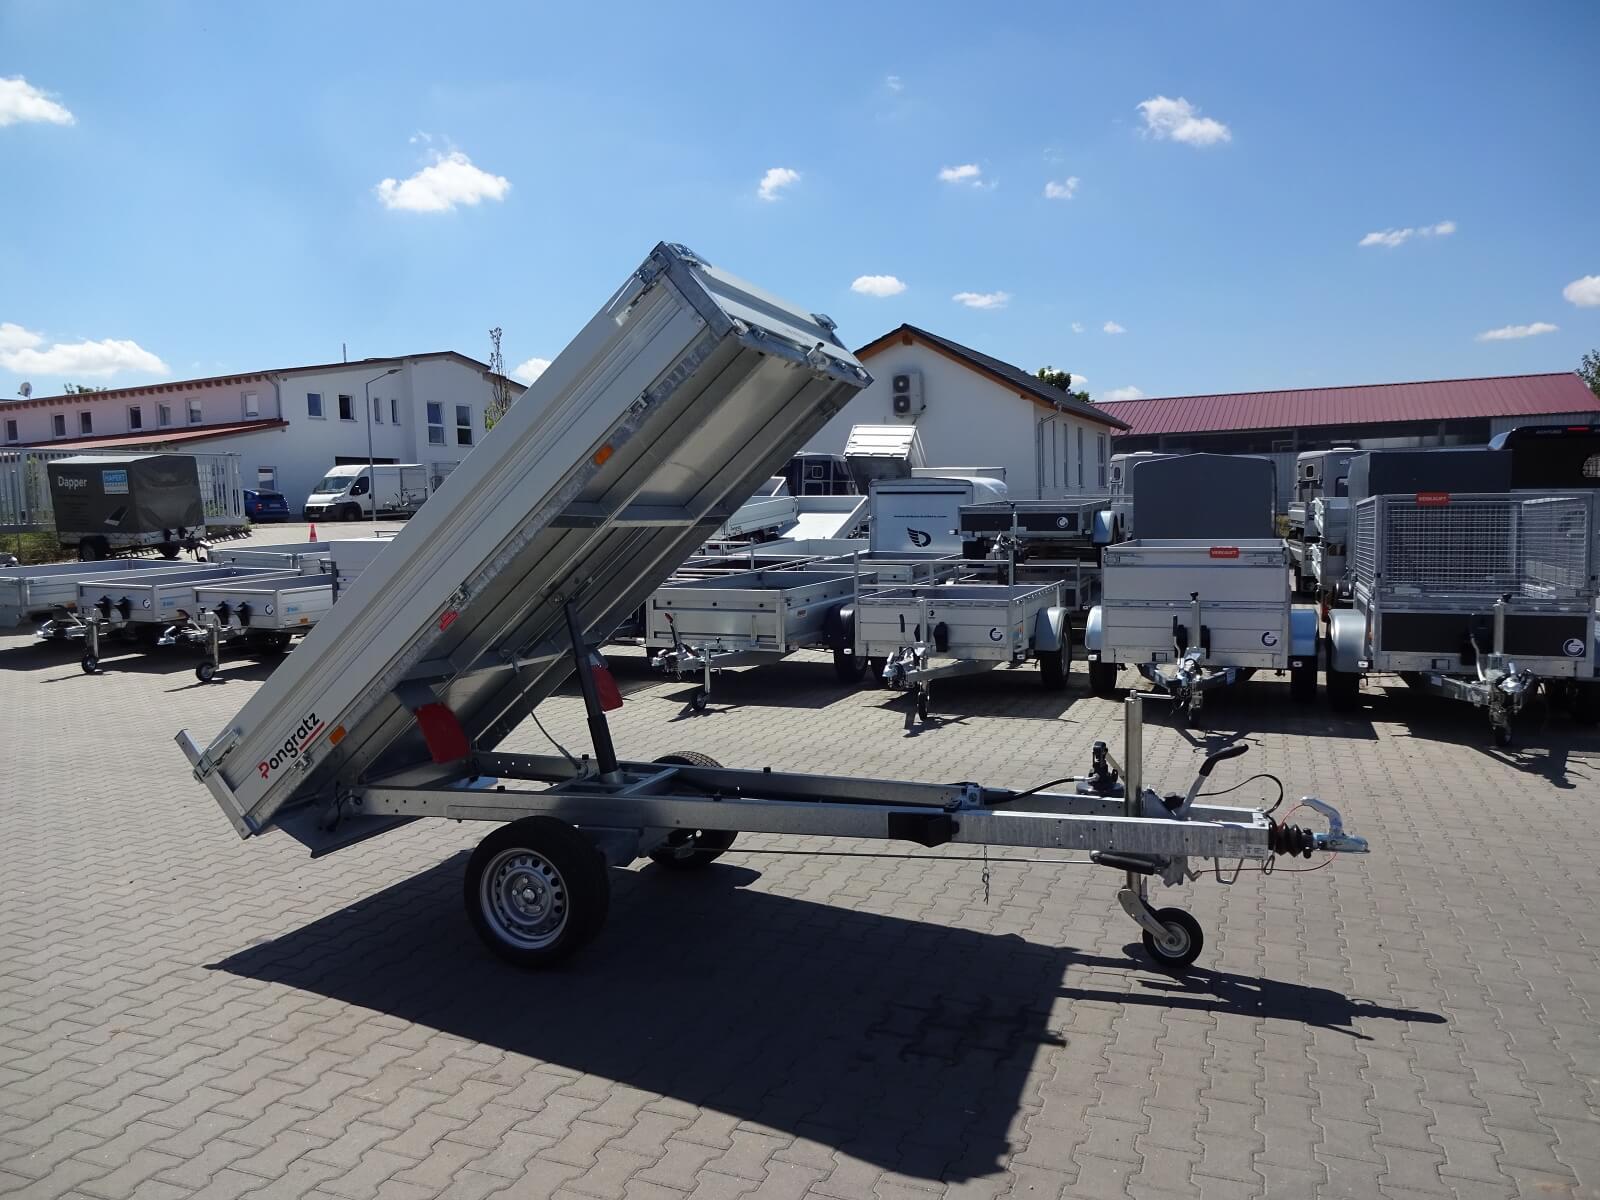 Pongratz L-RK 2715 G-AL 2,67x1,50m 1500kg